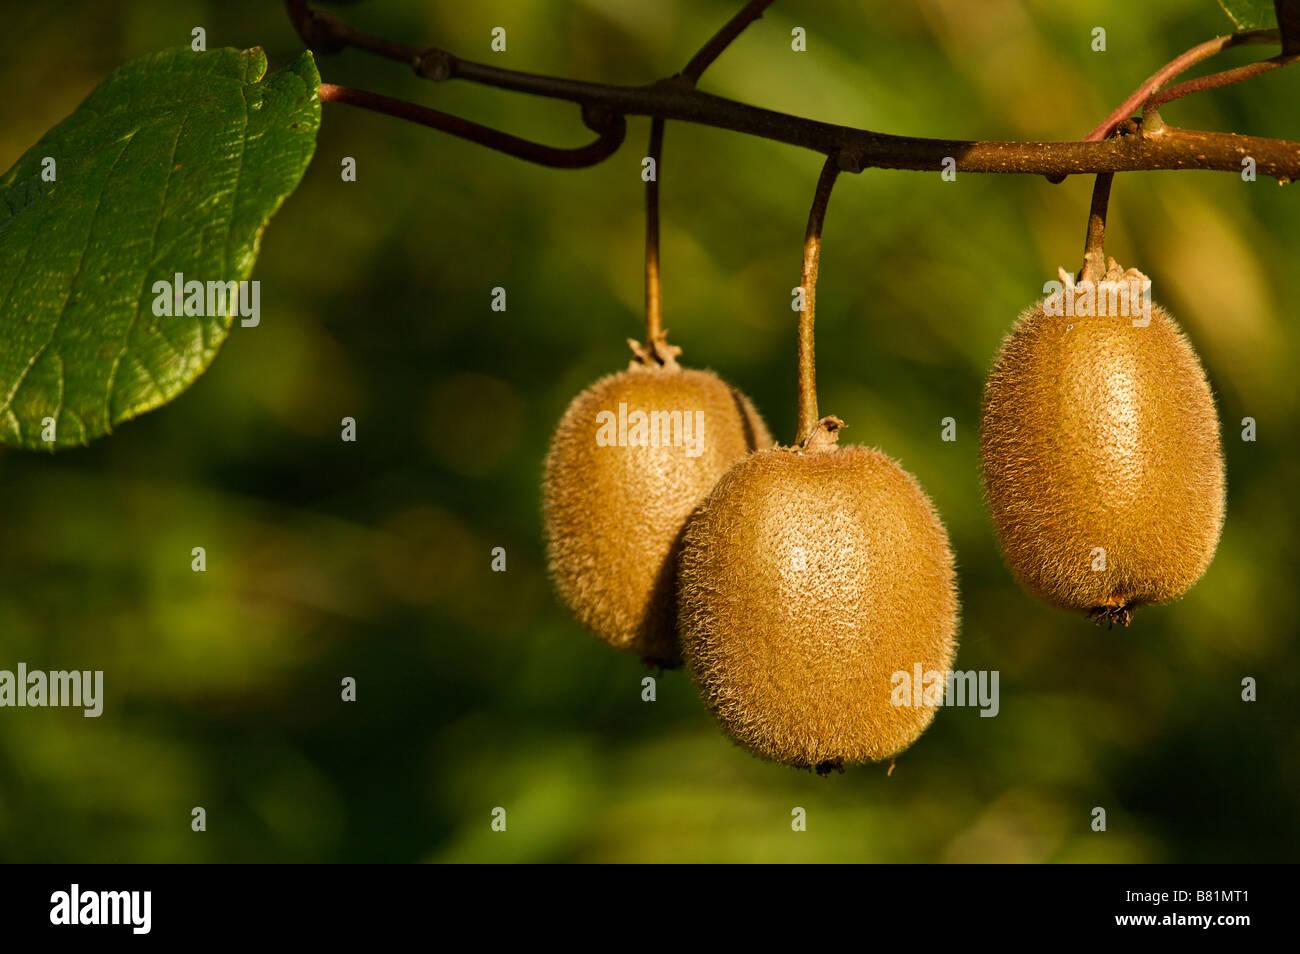 Kiwi Actinidia deliciosa Landes France Photo Stock